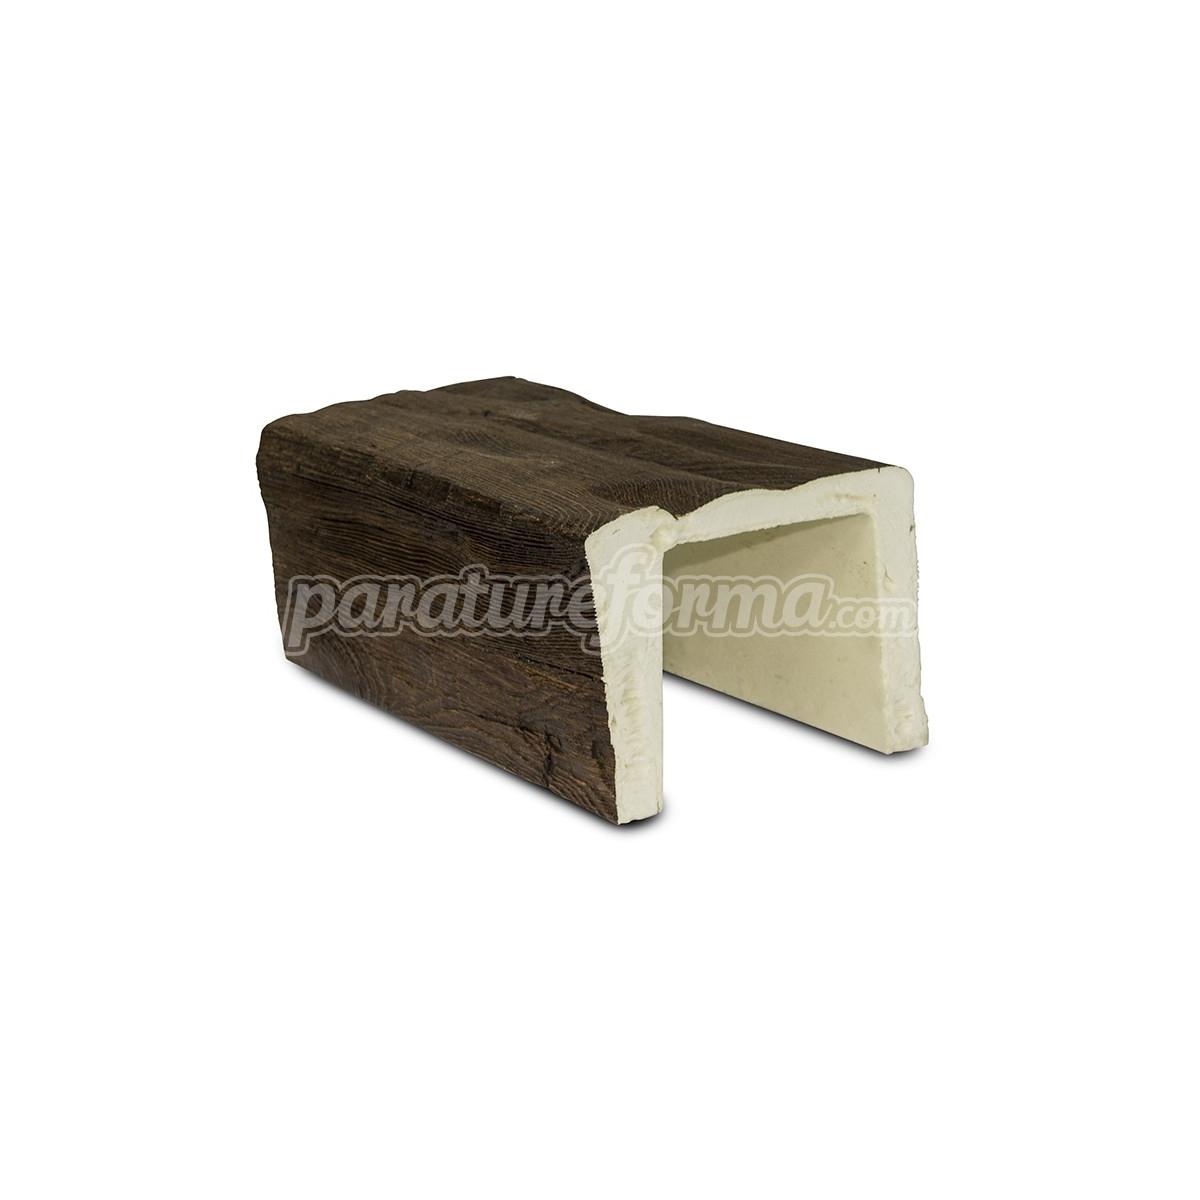 Viga imitación a madera 300x12,5x8 Grupo Unamacor Vigas imitación madera cuadradas